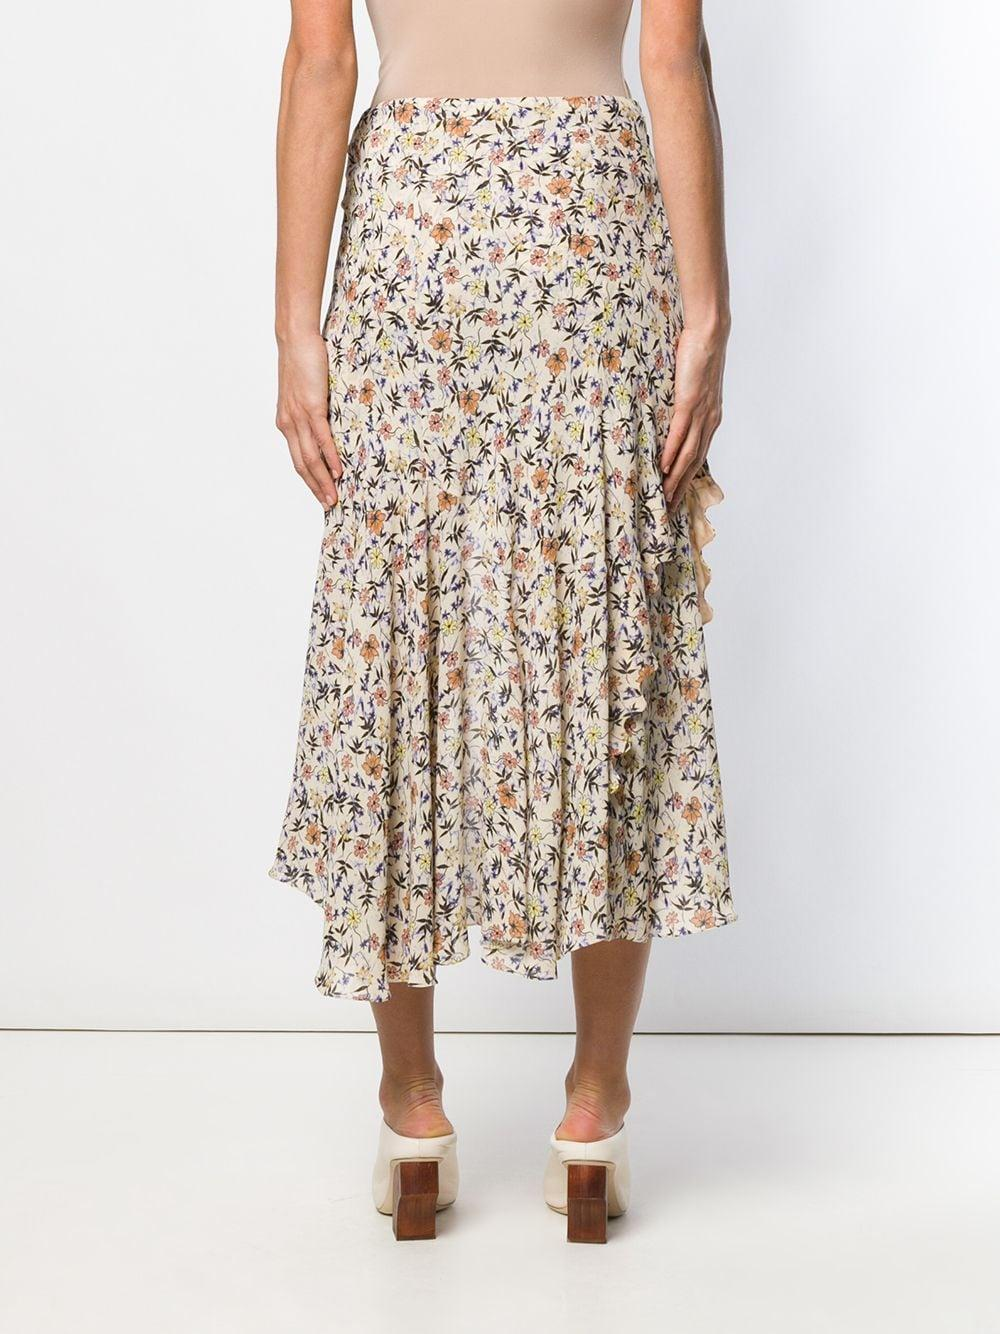 Falda asimétrica con estampado floral Chloé de Tejido sintético de color Marrón